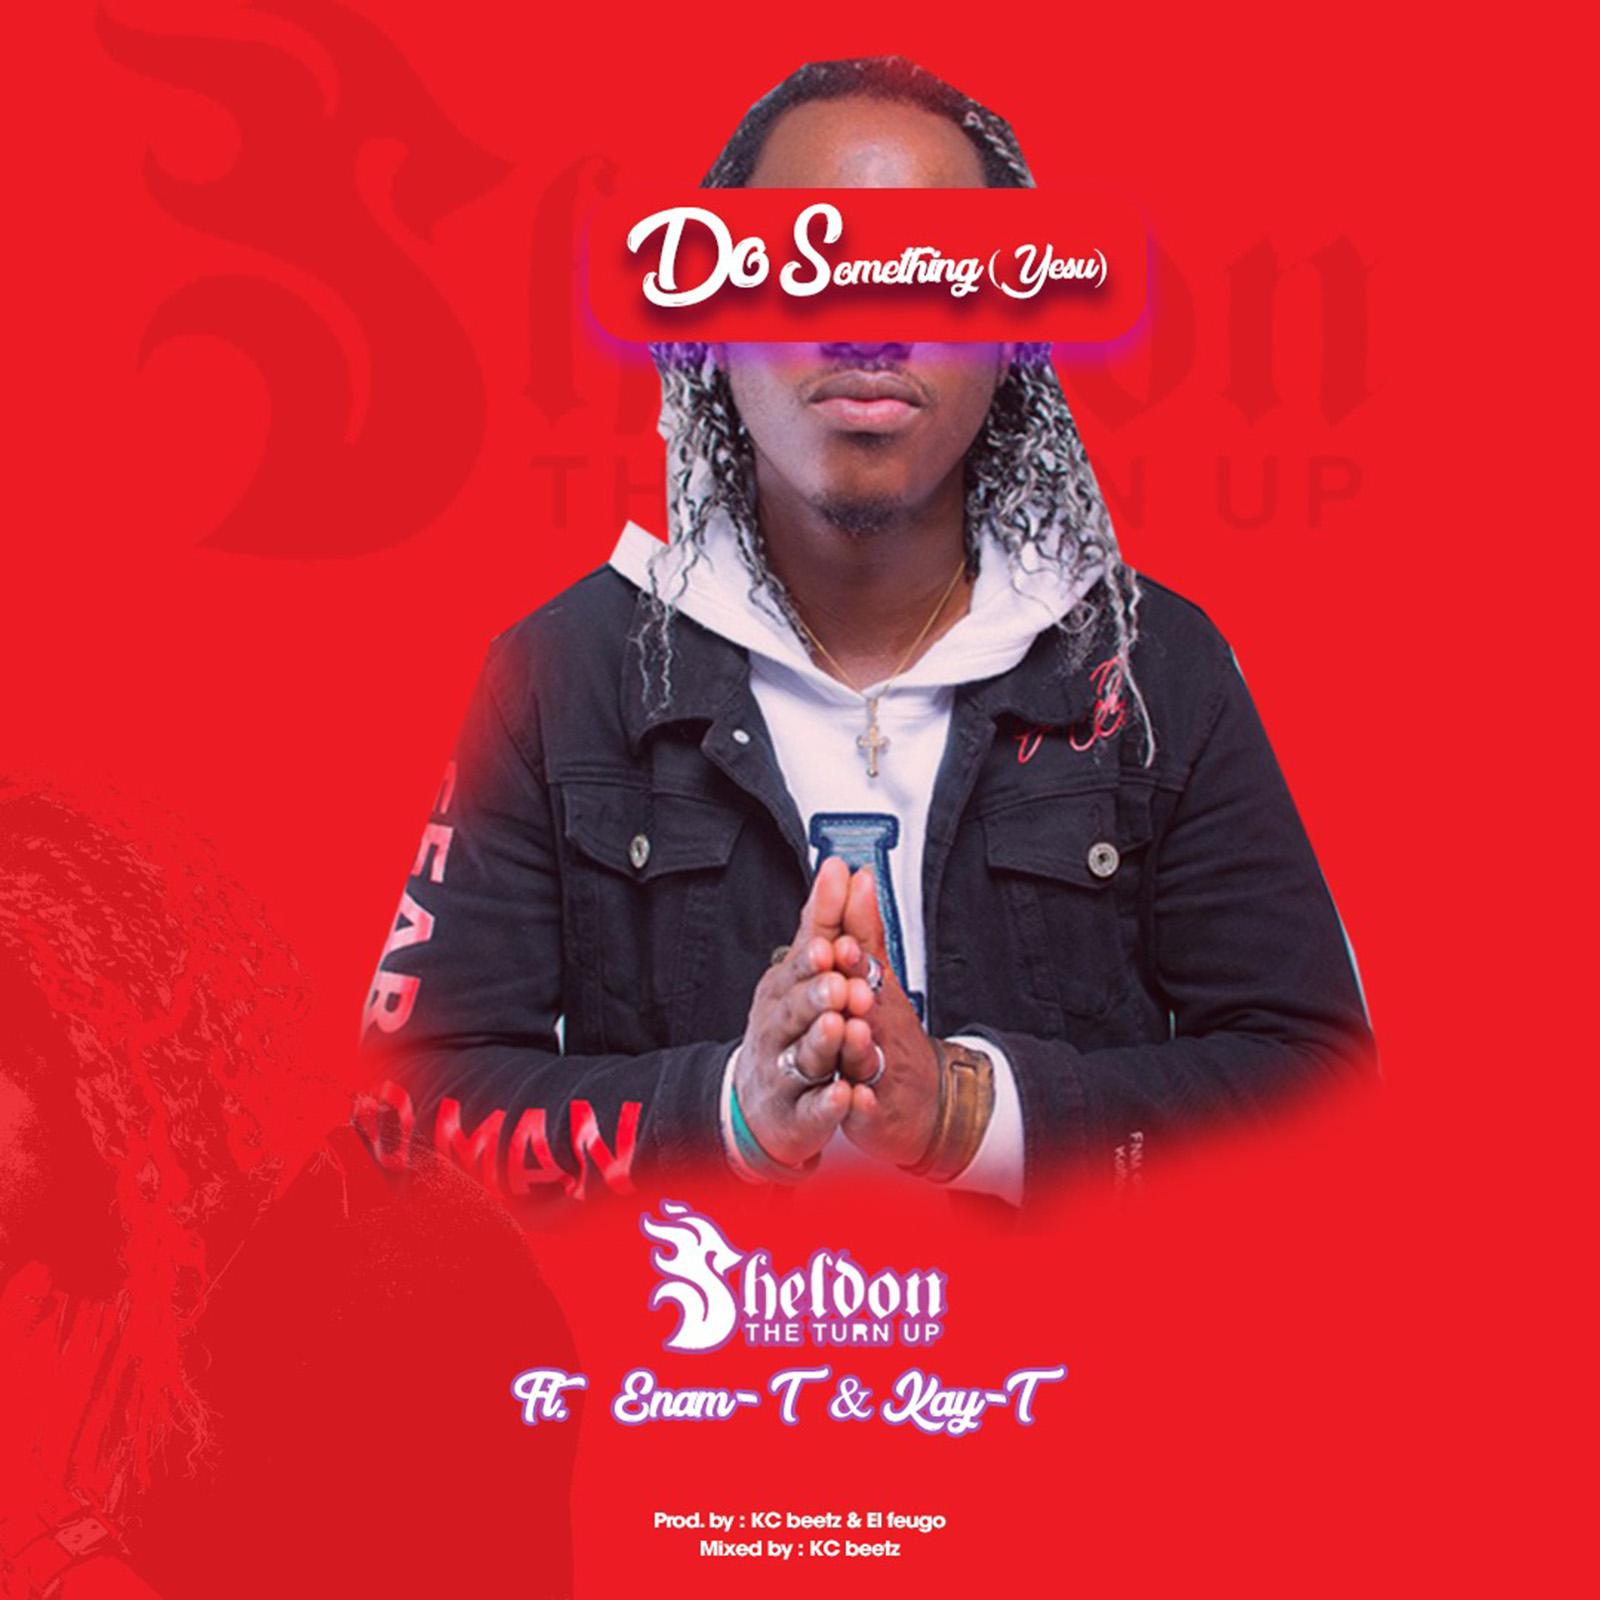 Do Something (Yesu) by Sheldon The Turn Up feat. Enam & KayT